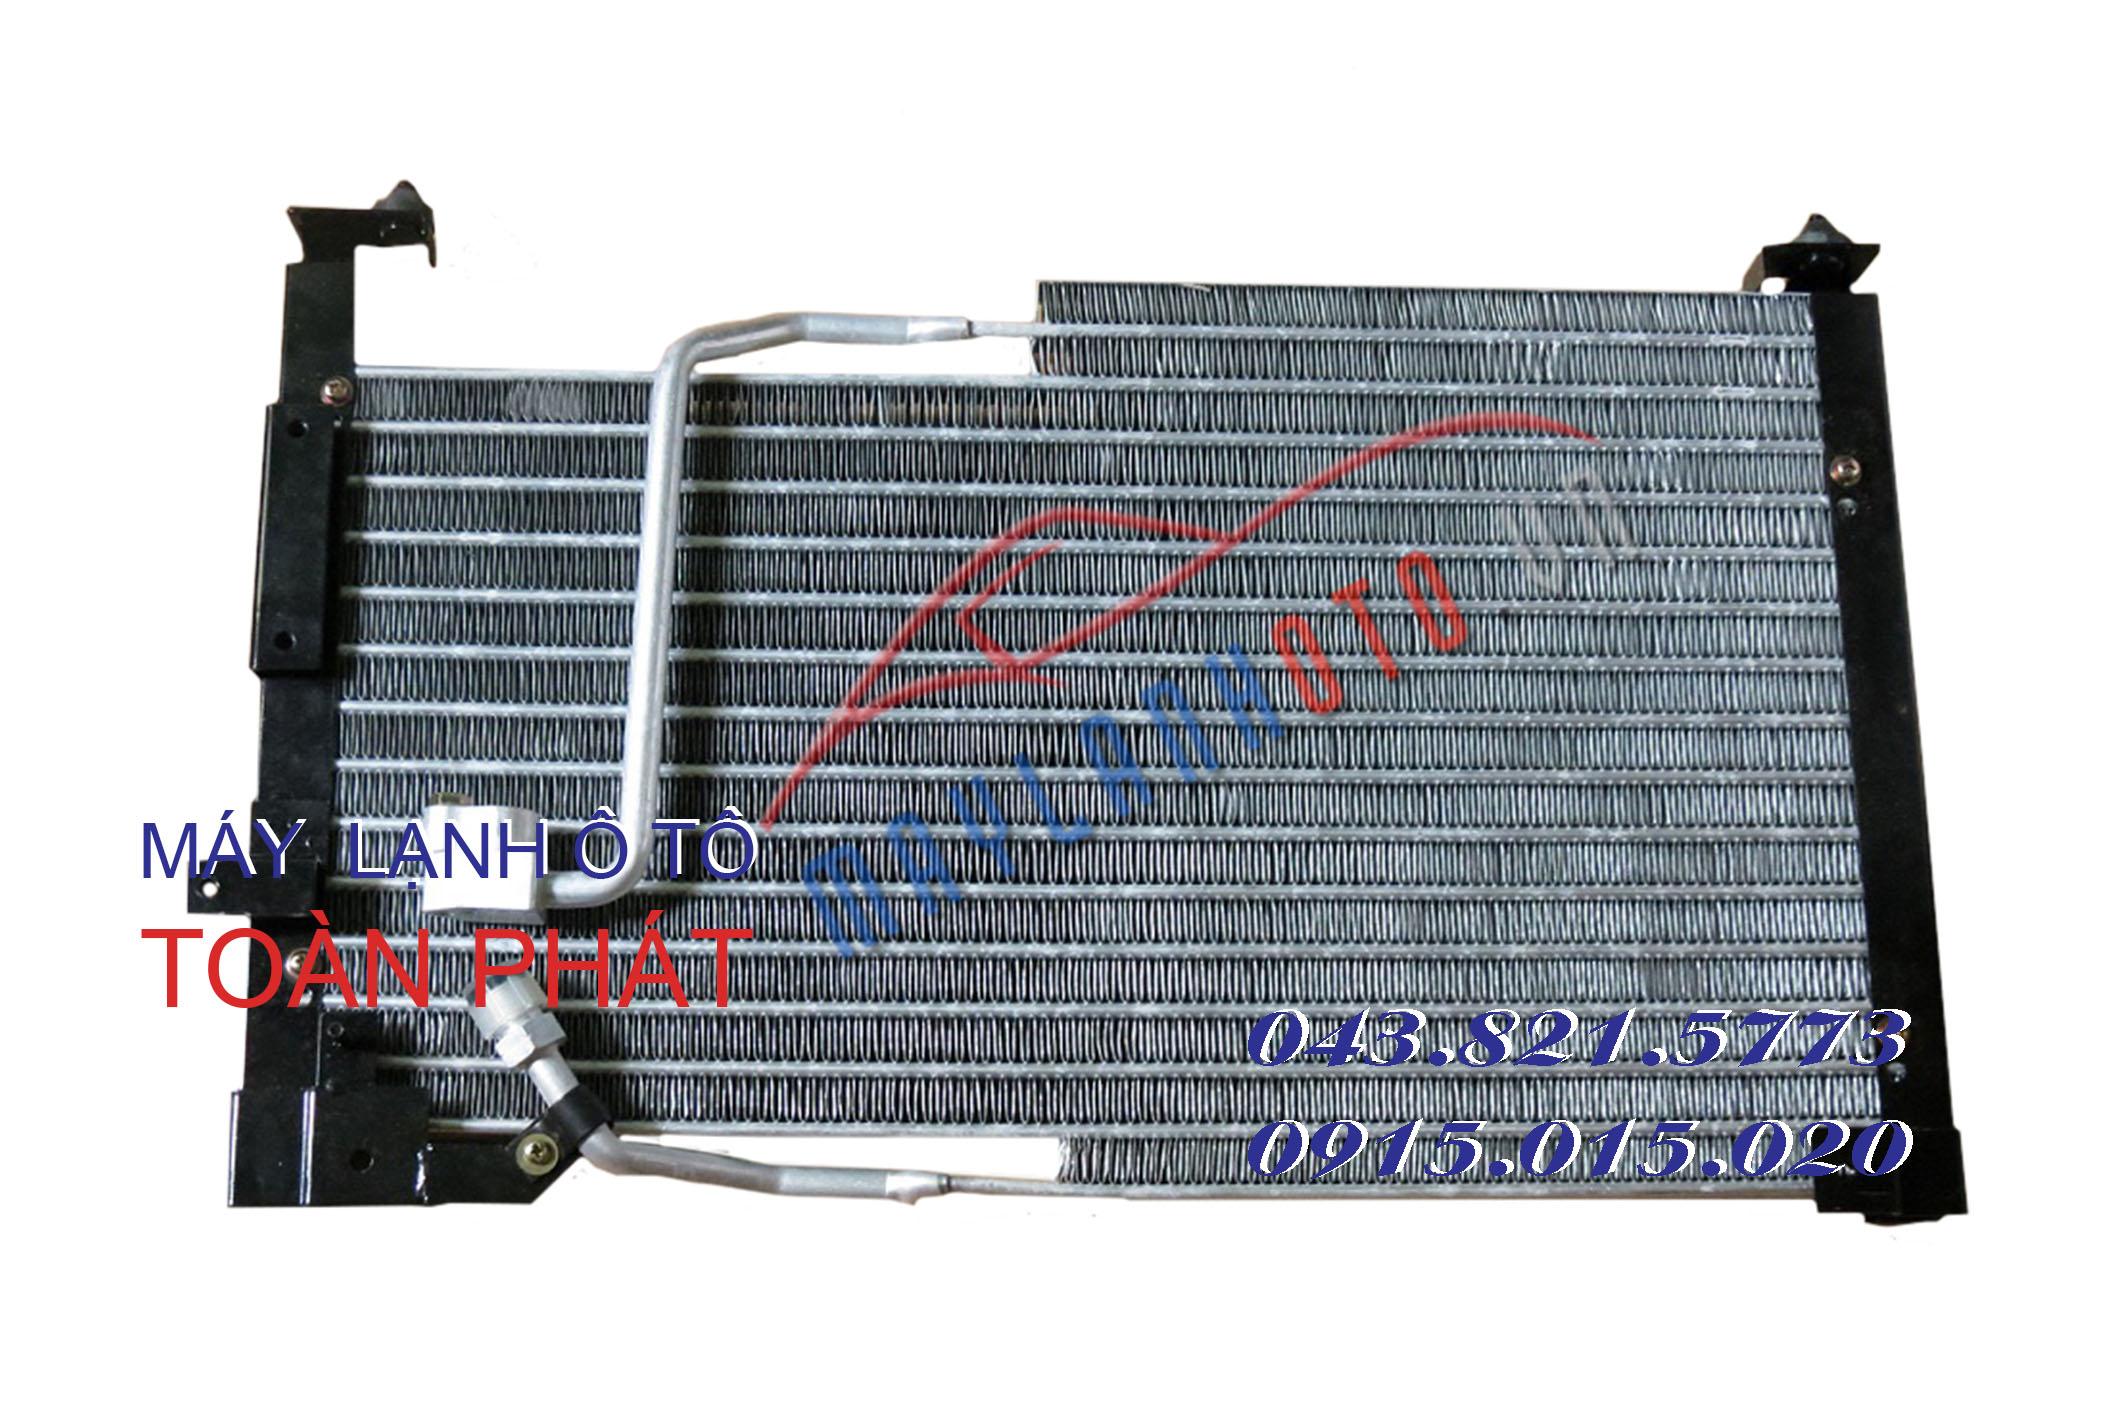 323 - 1994 / Giàn nóng điều hòa Mazda 323-1994 / Dàn nóng điều hòa Mazda 323-1994